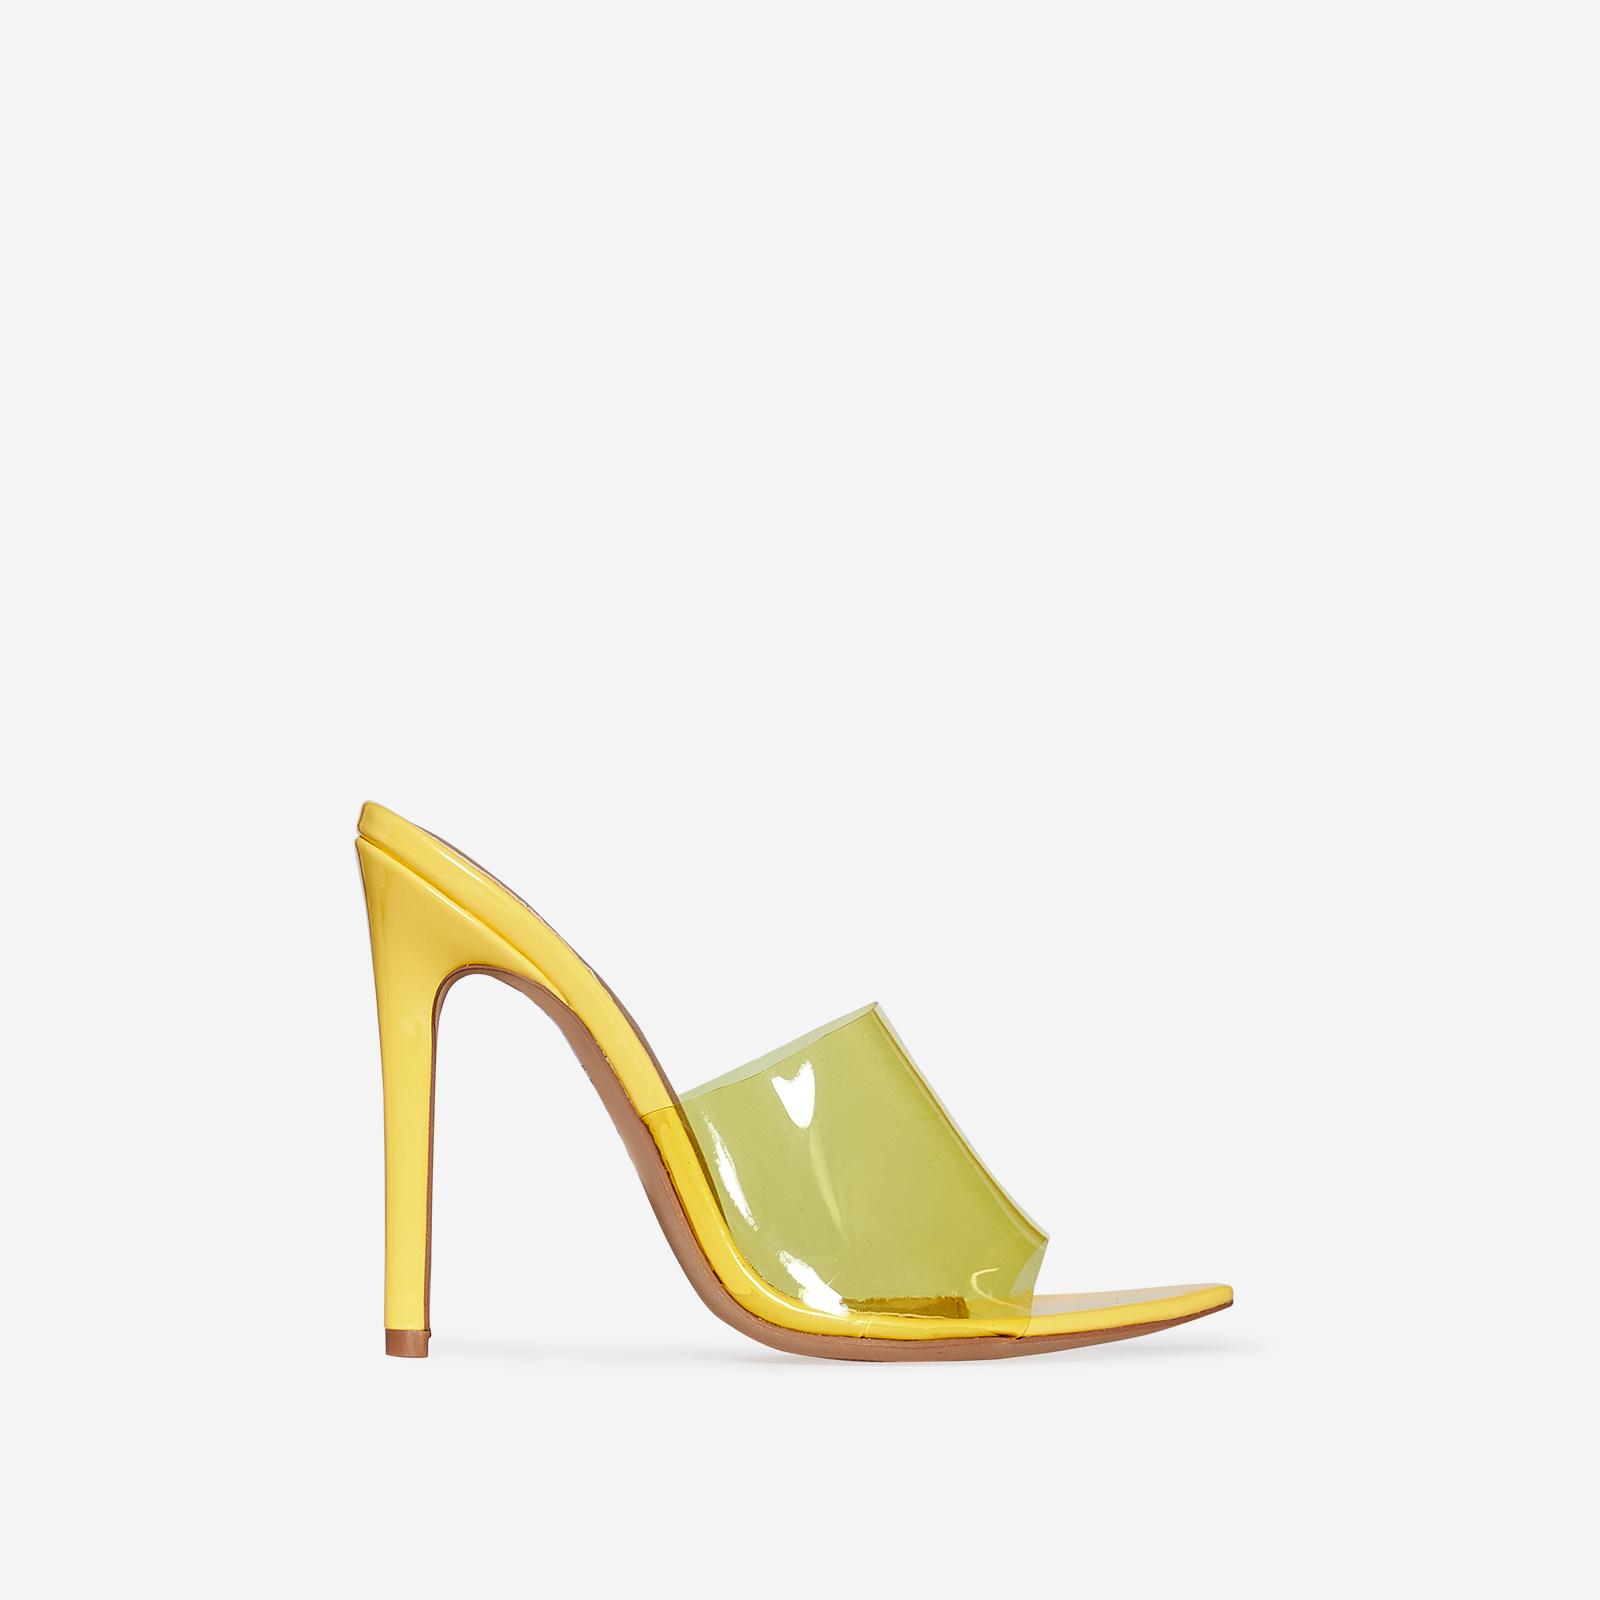 Kilo Perspex Peep Toe Mule In Yellow Patent